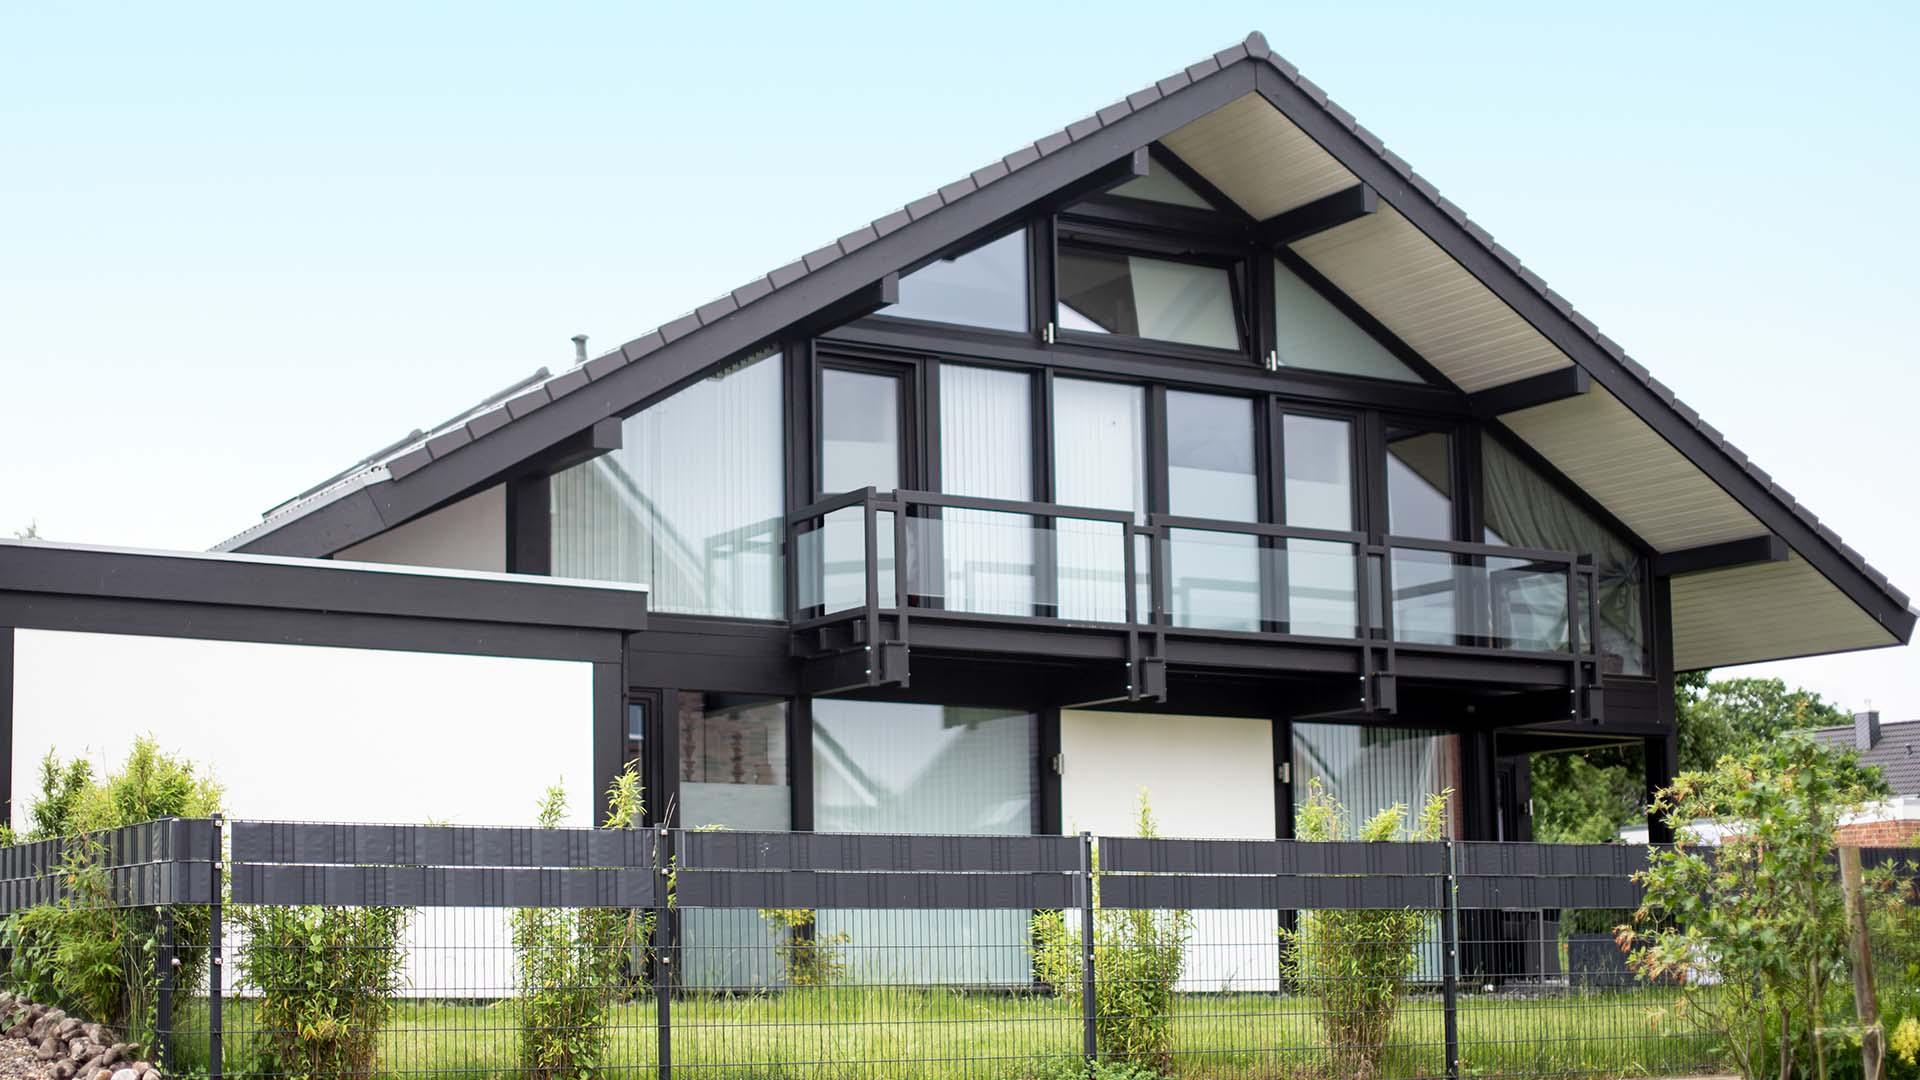 Detmolder Fachwerkhaus – Exterieur 01